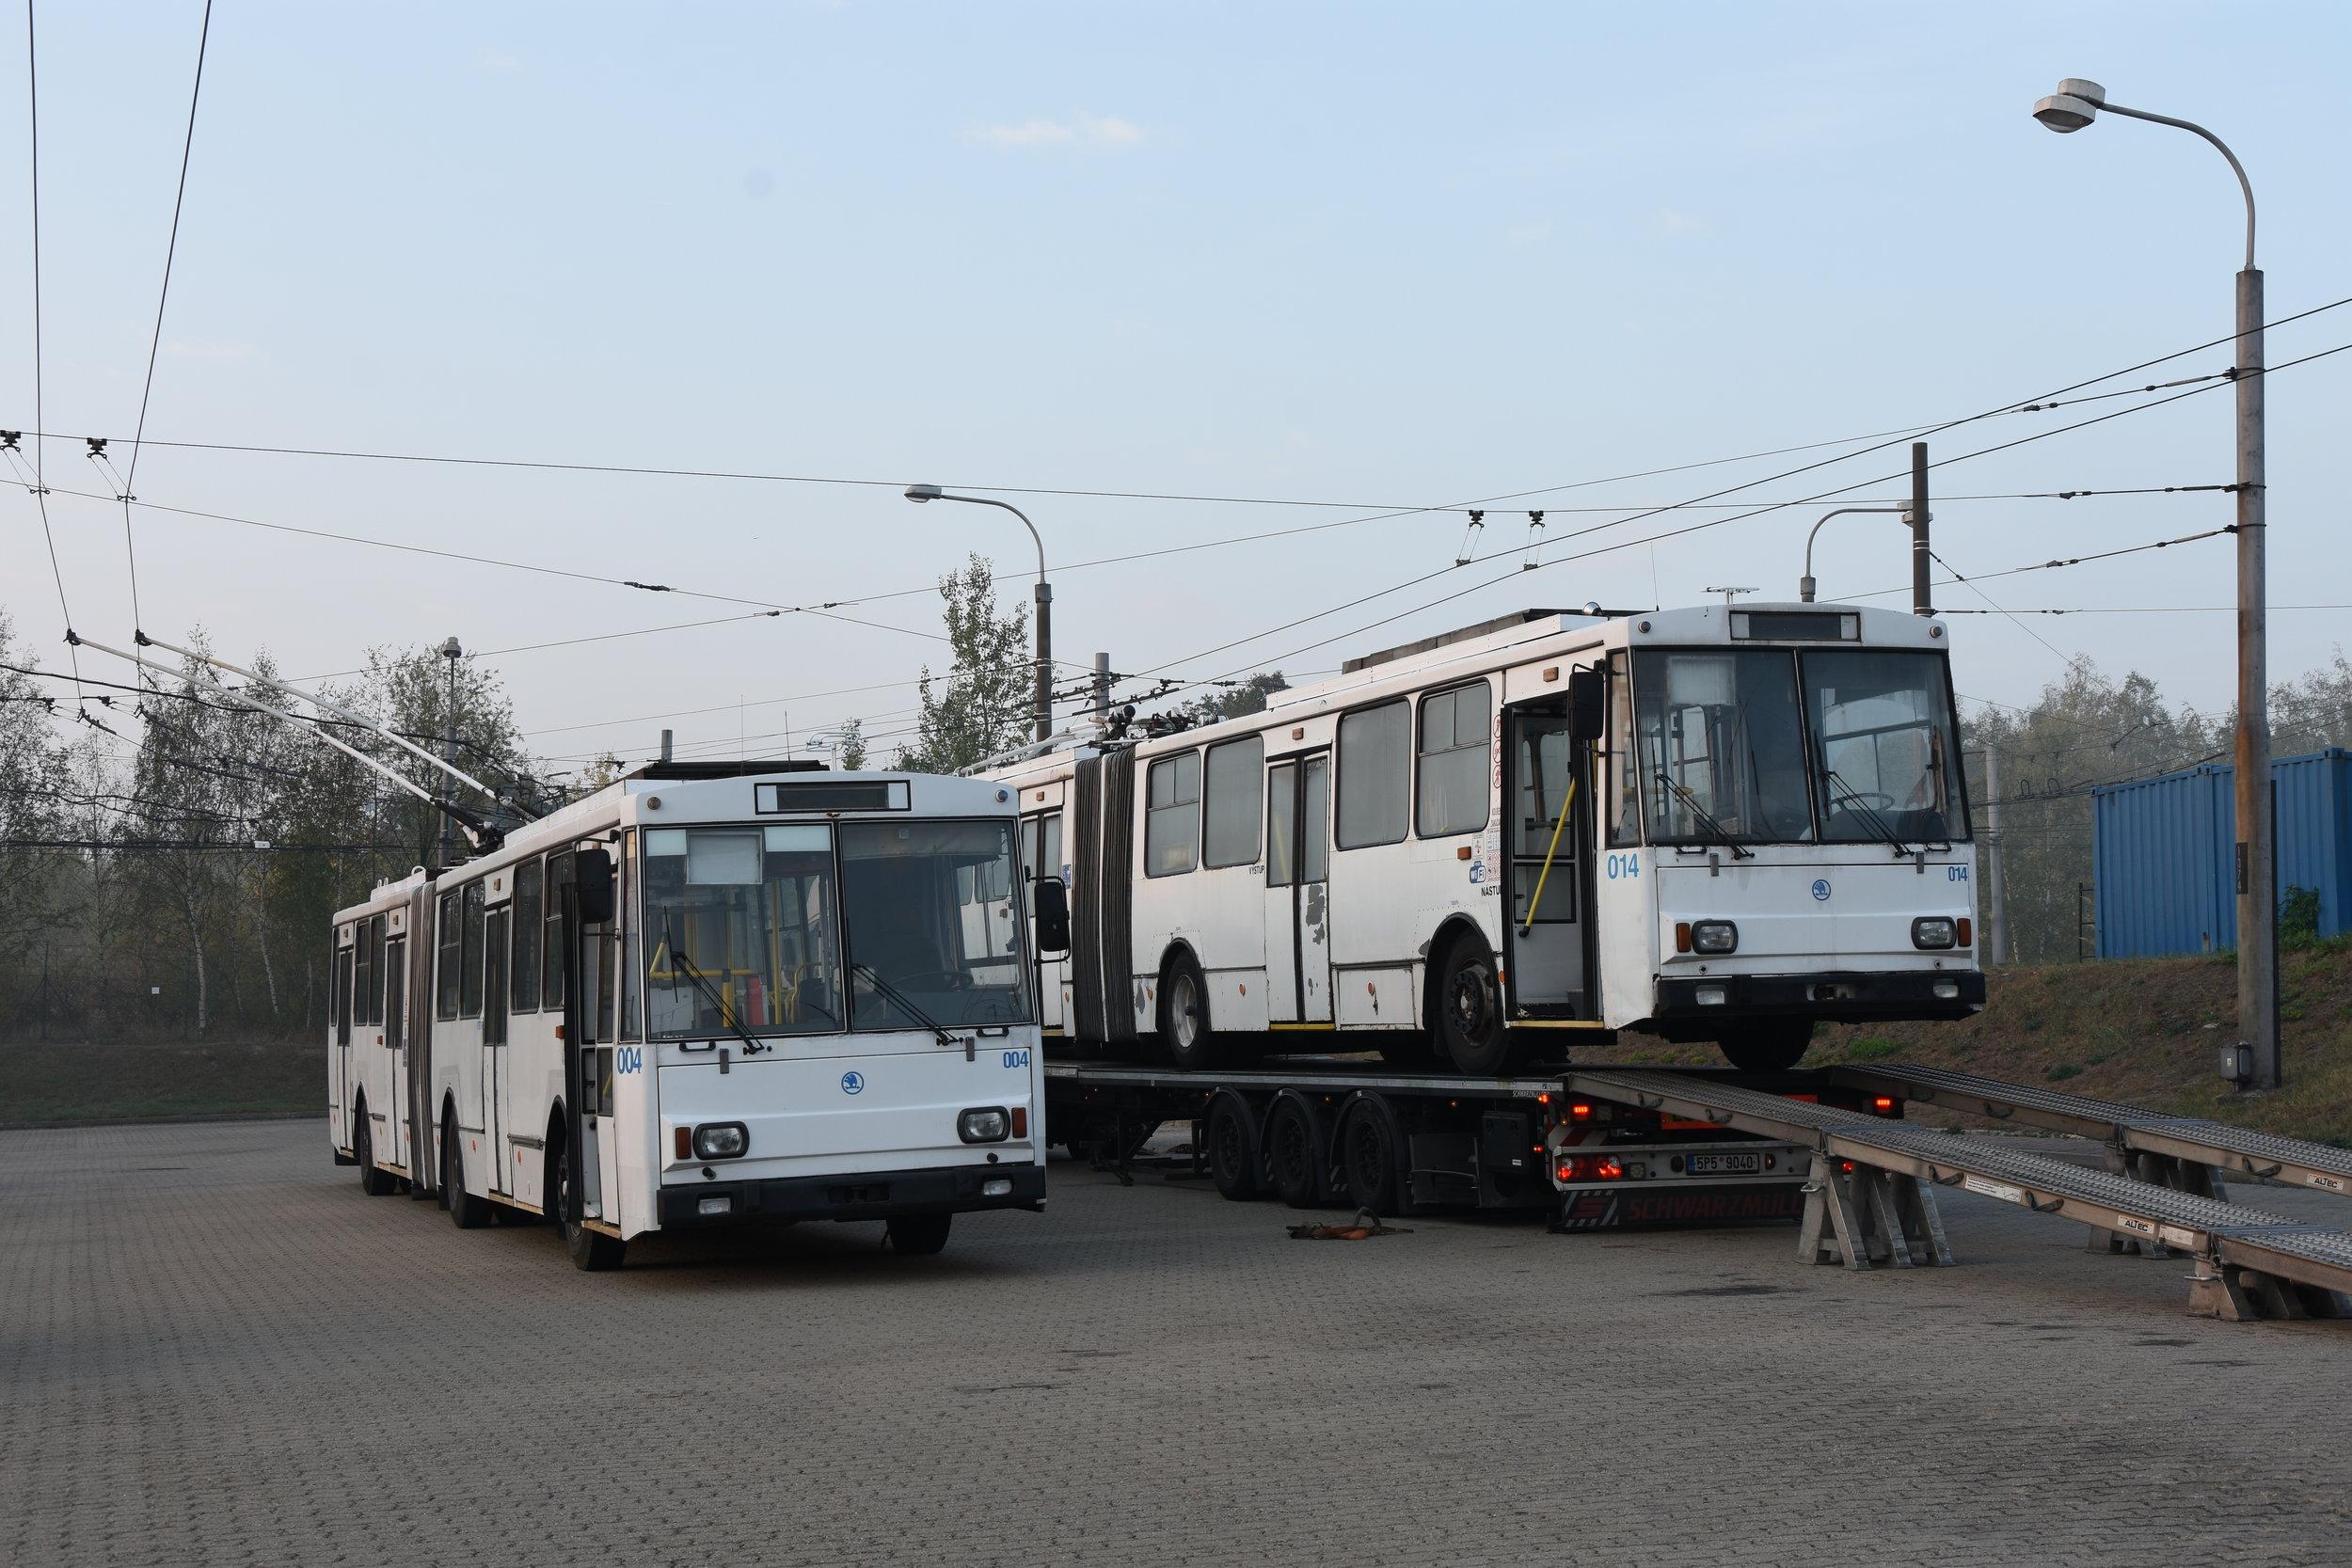 Chomutov se 18. 10. 2018 rozloučil se dvěma trolejbusy Škoda 15 Tr. Vůz ev. č. 004 získala soukromá osoba, na trajleru je již naložen vůz ev. č. 014, který zamířil do Opavy. (foto: Libor Hinčica)